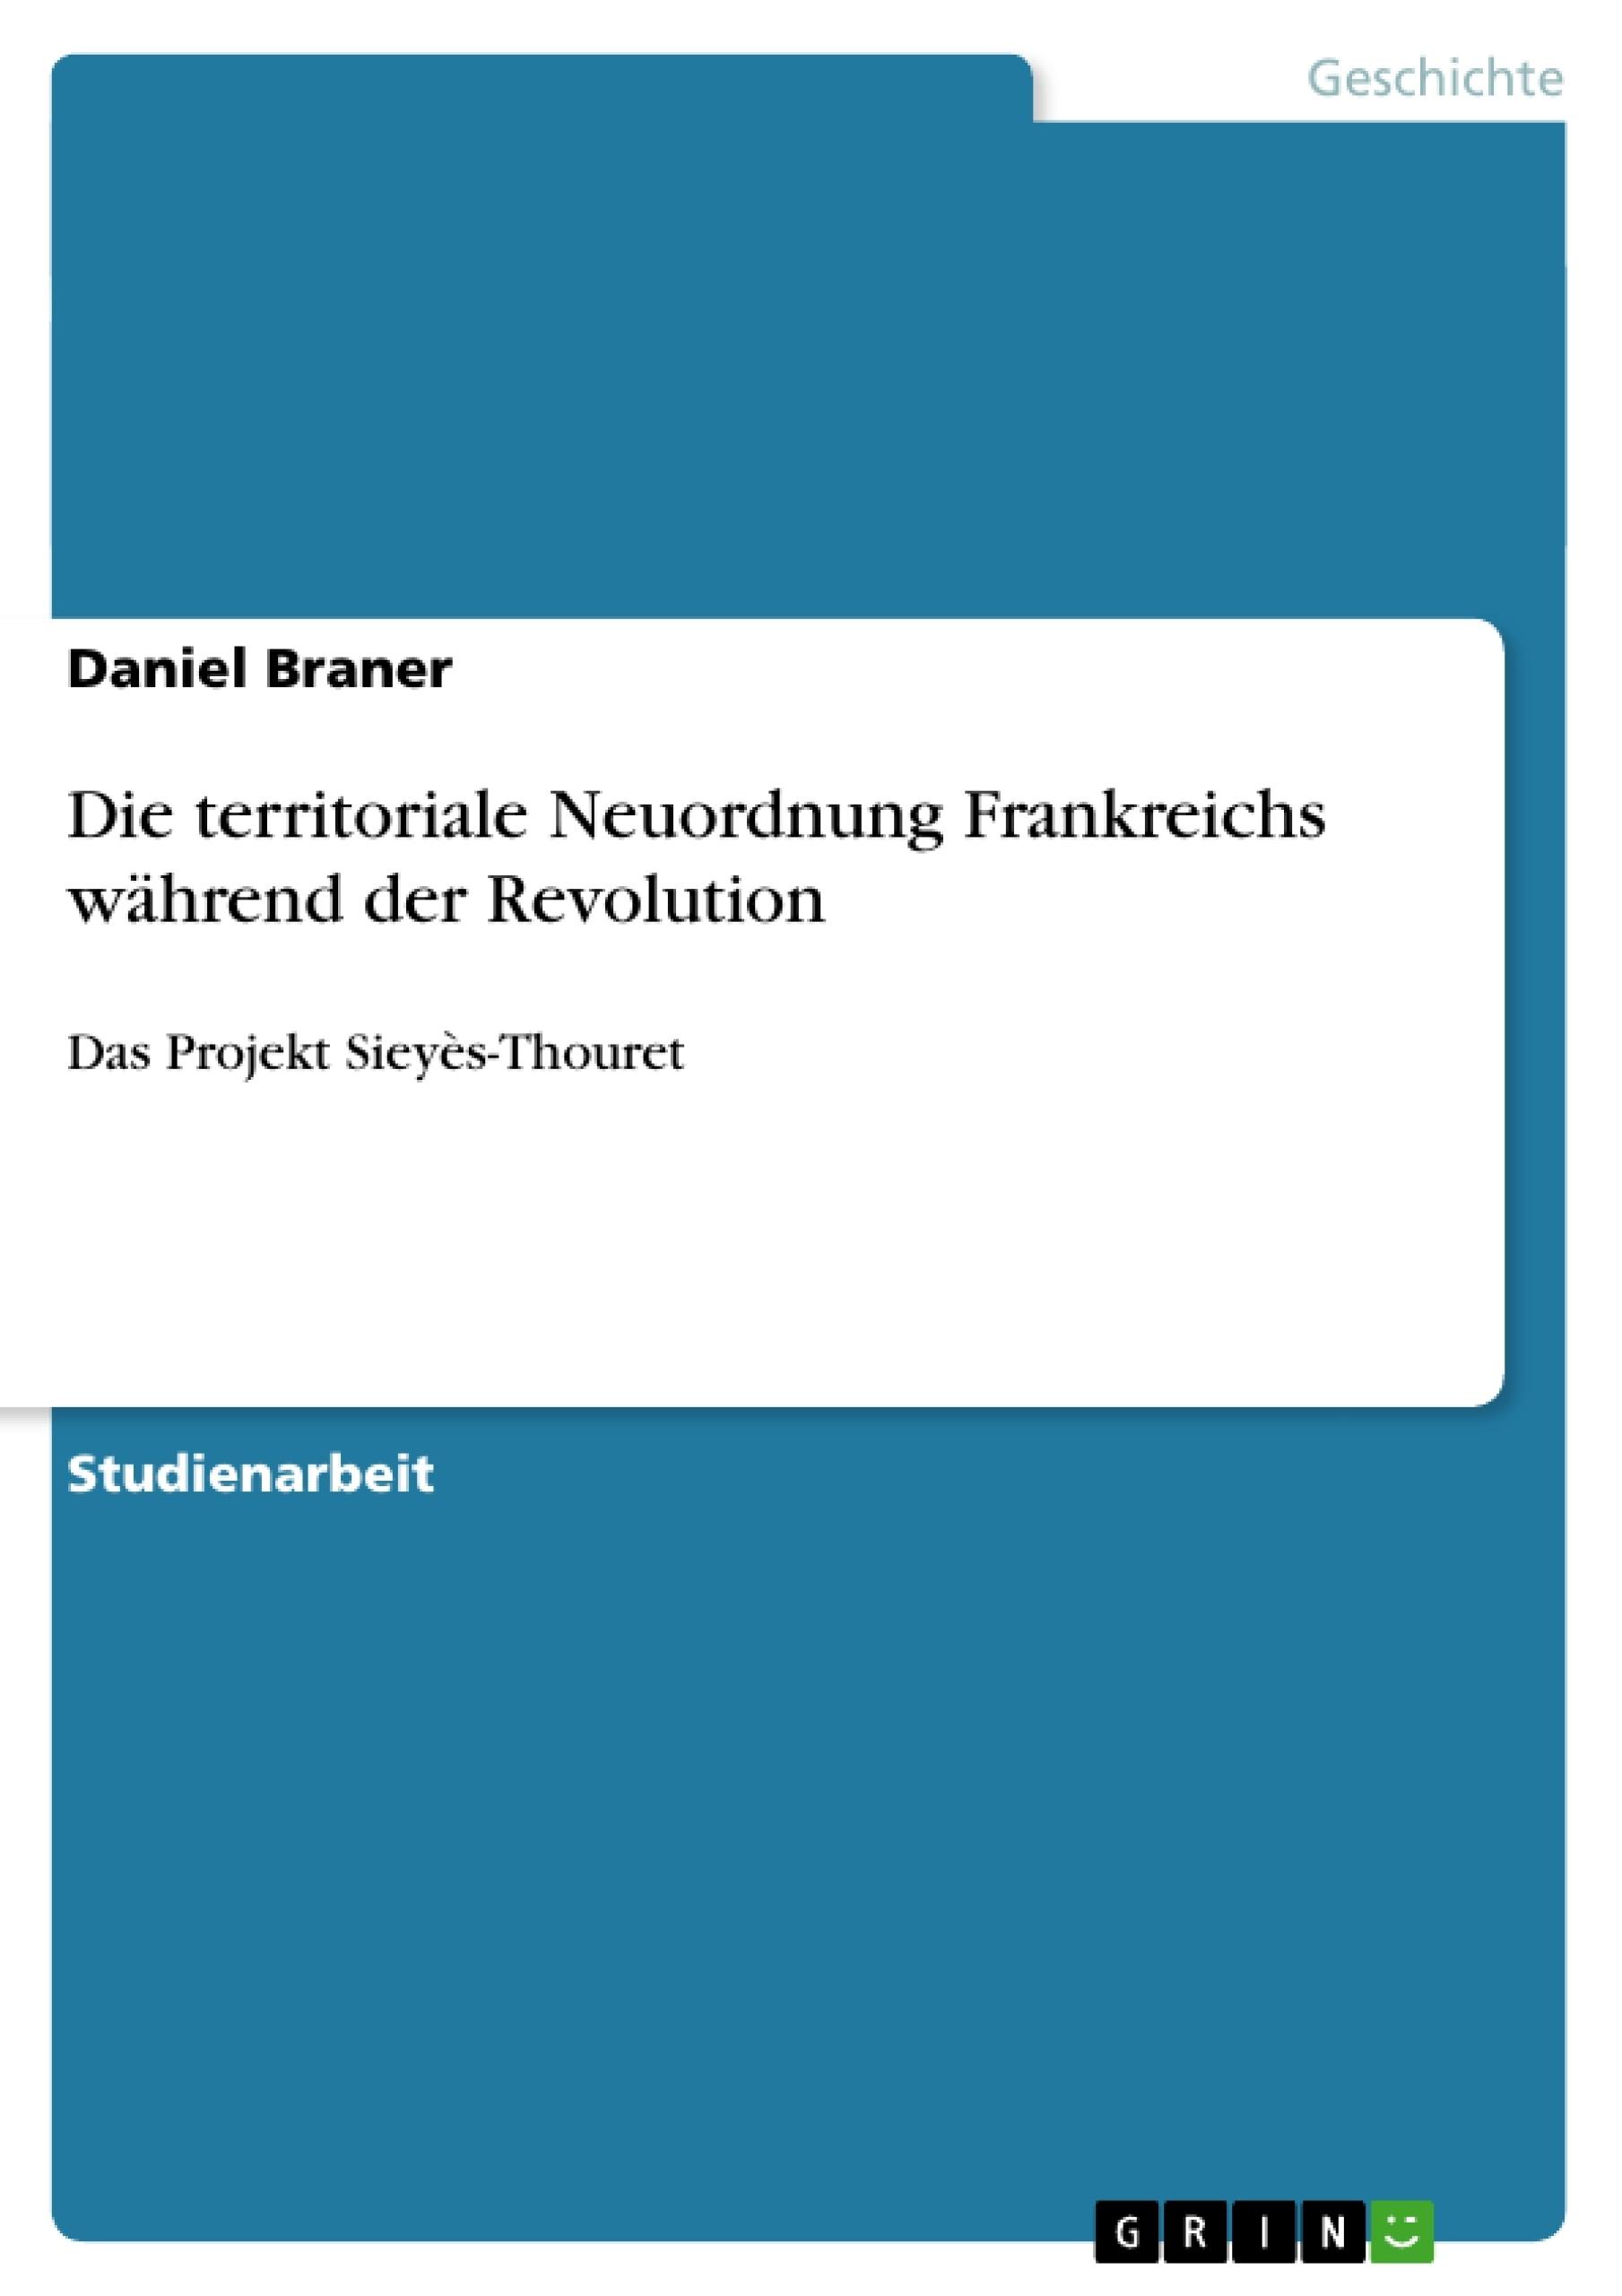 Titel: Die territoriale Neuordnung Frankreichs während der Revolution